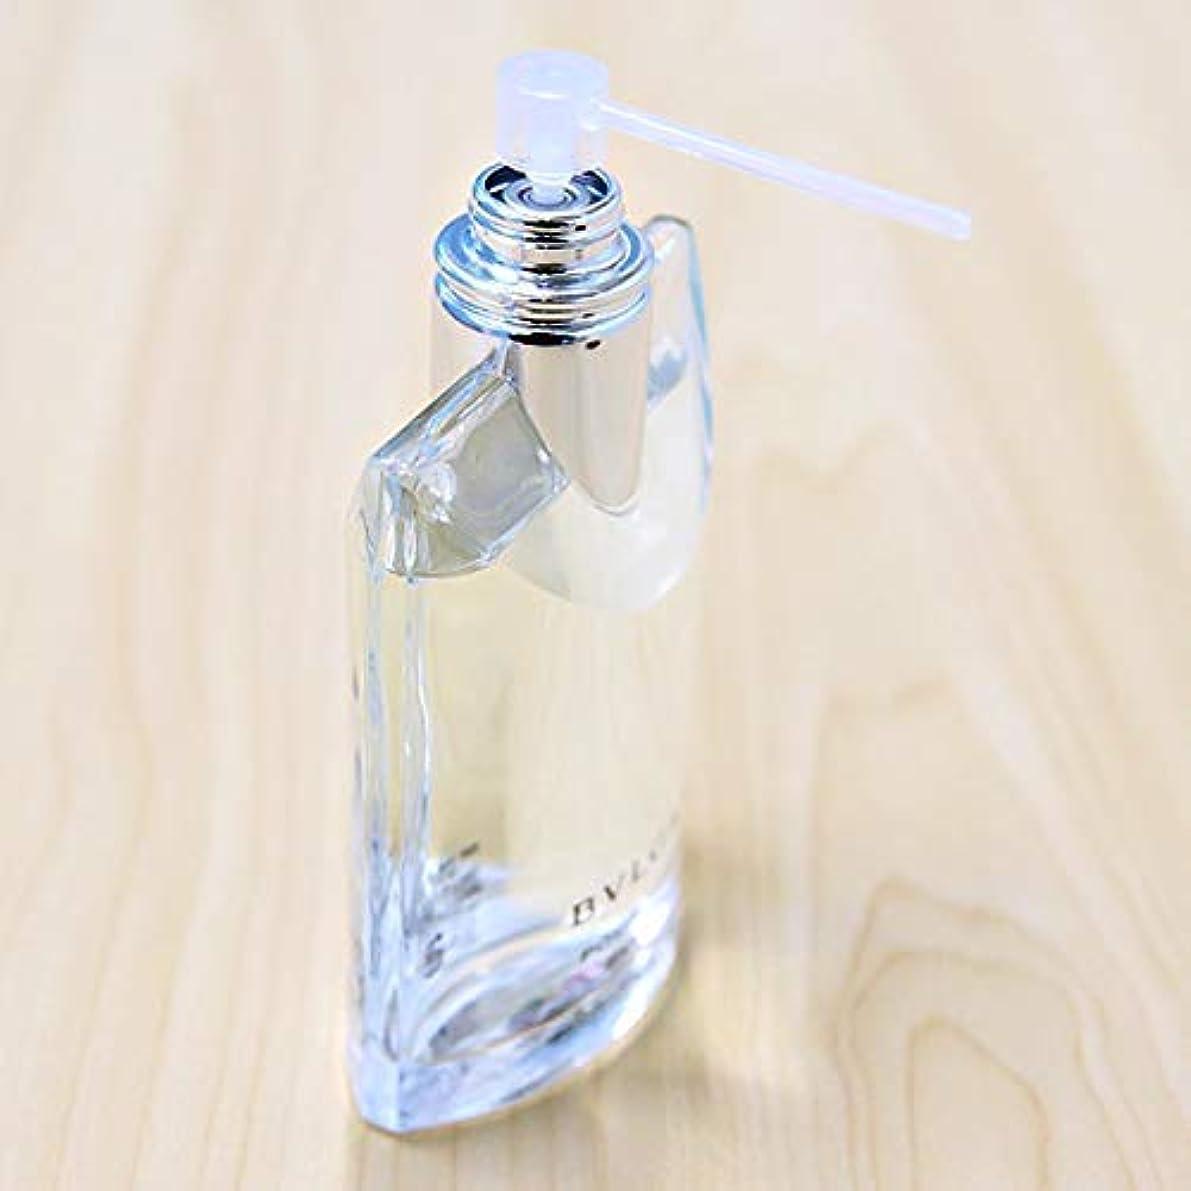 さびたマーク統合【単品】 香水 詰め替え ノズル アトマイザー 簡単 詰め替え プッシュ ポンプ ストロー スプレーボトル